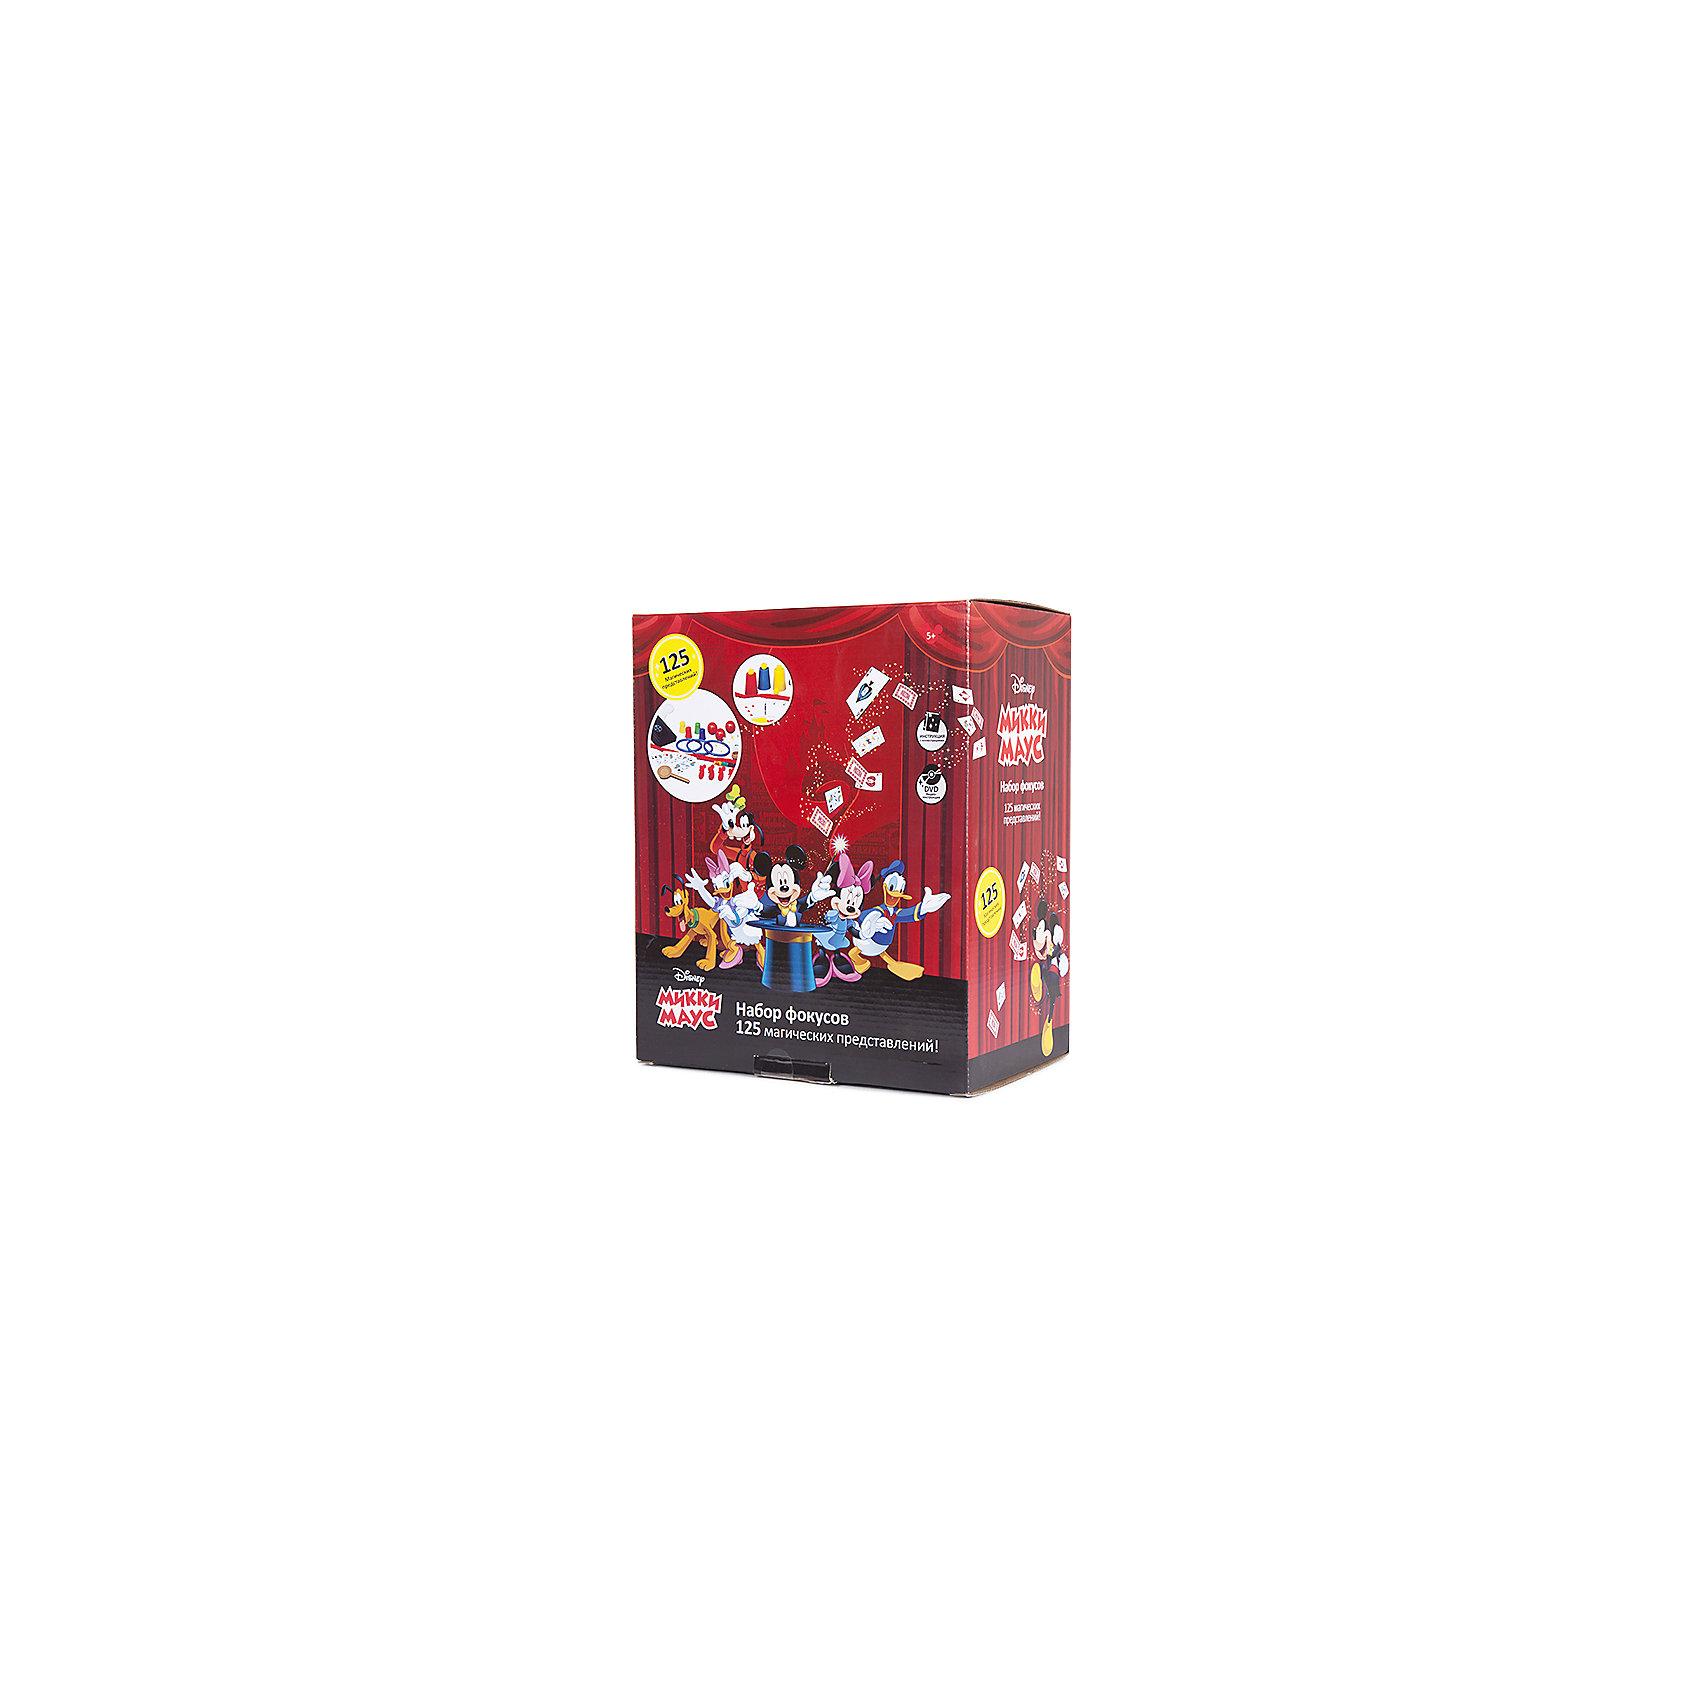 Набор для демонстрации фокусов Mickey Mouse (125 фокусов)Наборы для фокусов<br>Такой набор для фокусов - отличный подарок для начинающих волшебников, поражающий воображение множеством приспособлений: карт, коробочек, кубиков, колец и даже шляпой!<br>Мастерское исполнение фокусов с наперстками и монетками, волшебной палочкой, магической вазой и всевозможные трюки на ловкость рук не вызовут сомнения, что перед Вами настоящий маленький фокусник и маг. Такие чудо превращения развивают творческое мышление, образное воображение, мелкую моторику и ловкость рук. <br>Набор выполнен из прочного и экологически чистого материала.<br><br>Дополнительная информация:<br><br>- Материал: нетоксичный пластик.<br>- Возраст ребёнка: от 6 лет.<br>- В наборе: 125 фокусов, шляпа фокусника, подробная инструкция, иллюстрированный диск DVD.<br>- Размер упаковки: 30x25x16,5 см.<br><br>Купить набор для демонстрации фокусов Mickey Mouse  можно в нашем магазине.<br><br>Ширина мм: 300<br>Глубина мм: 250<br>Высота мм: 165<br>Вес г: 700<br>Возраст от месяцев: 72<br>Возраст до месяцев: 192<br>Пол: Унисекс<br>Возраст: Детский<br>SKU: 4753817